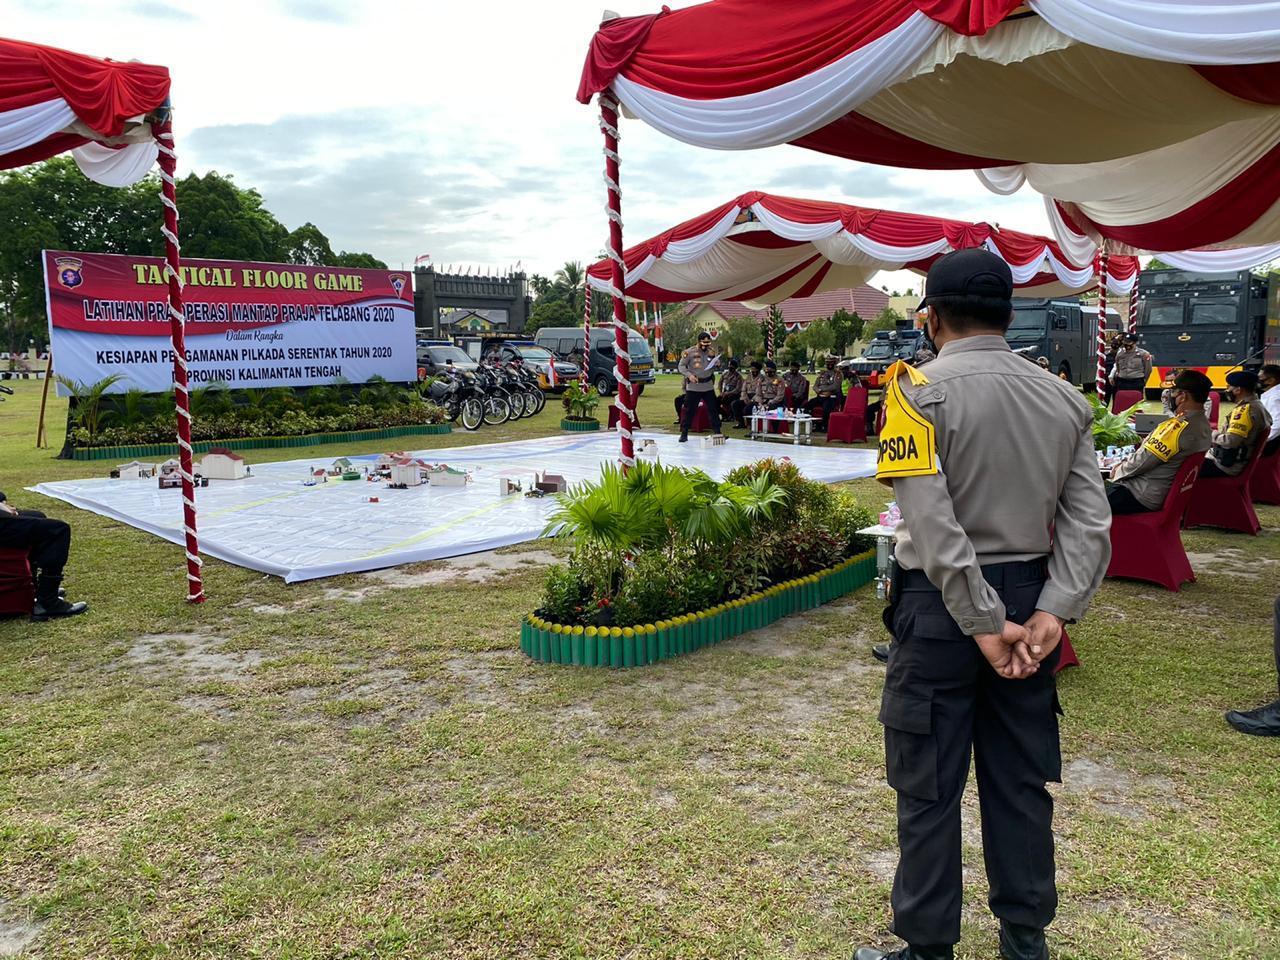 Siap Amankan Pilkada Tahun 2020, Brimob Kalteng Ikuti TFG Bersama Kapolda Terkait Plotingan Anggota Berdasakan Tupoksi